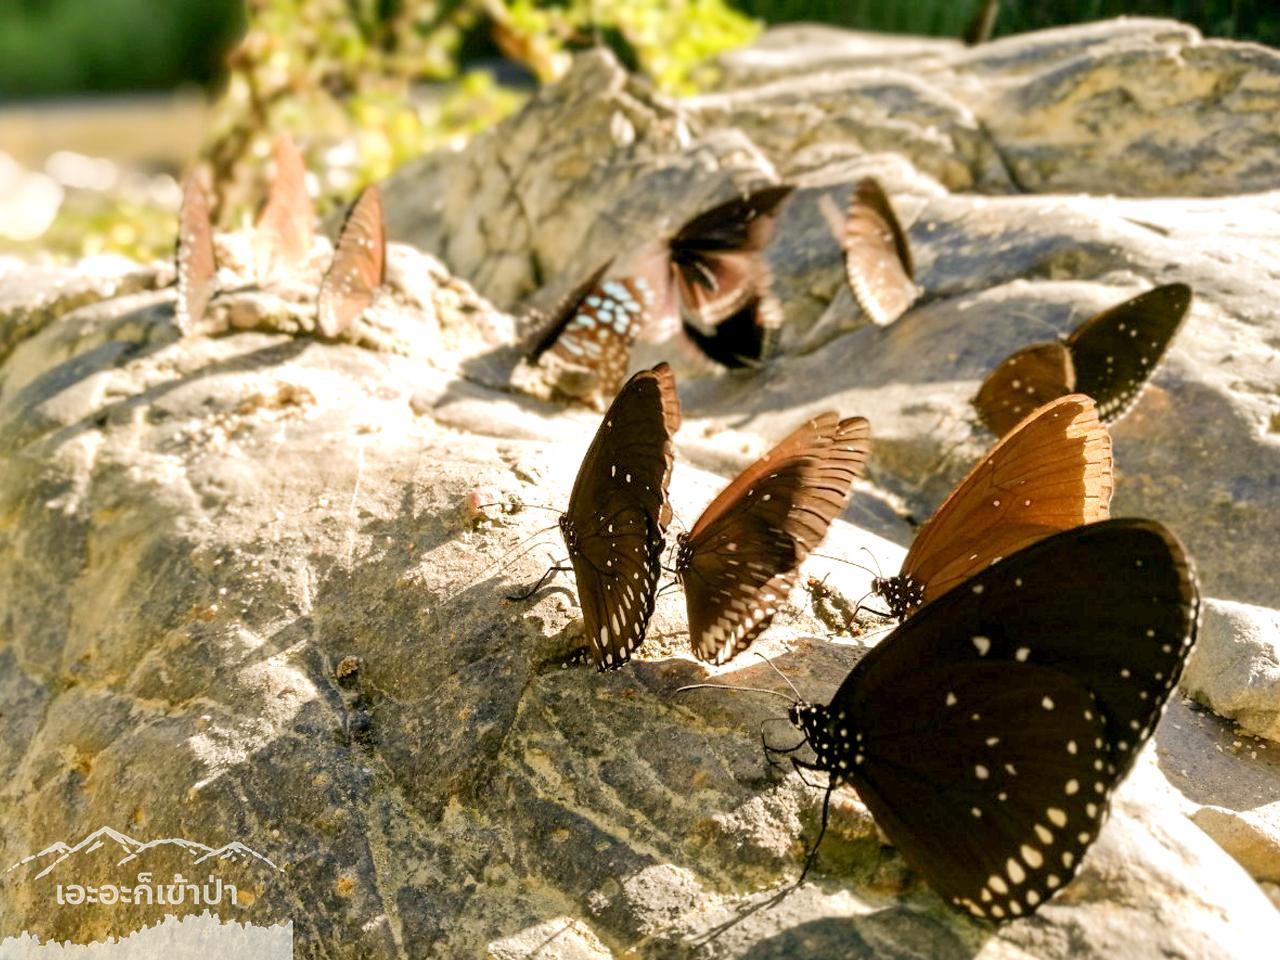 มีหลายพันธุ์ โป่งลึก อช แก่งกระจาน เพชรบุรี